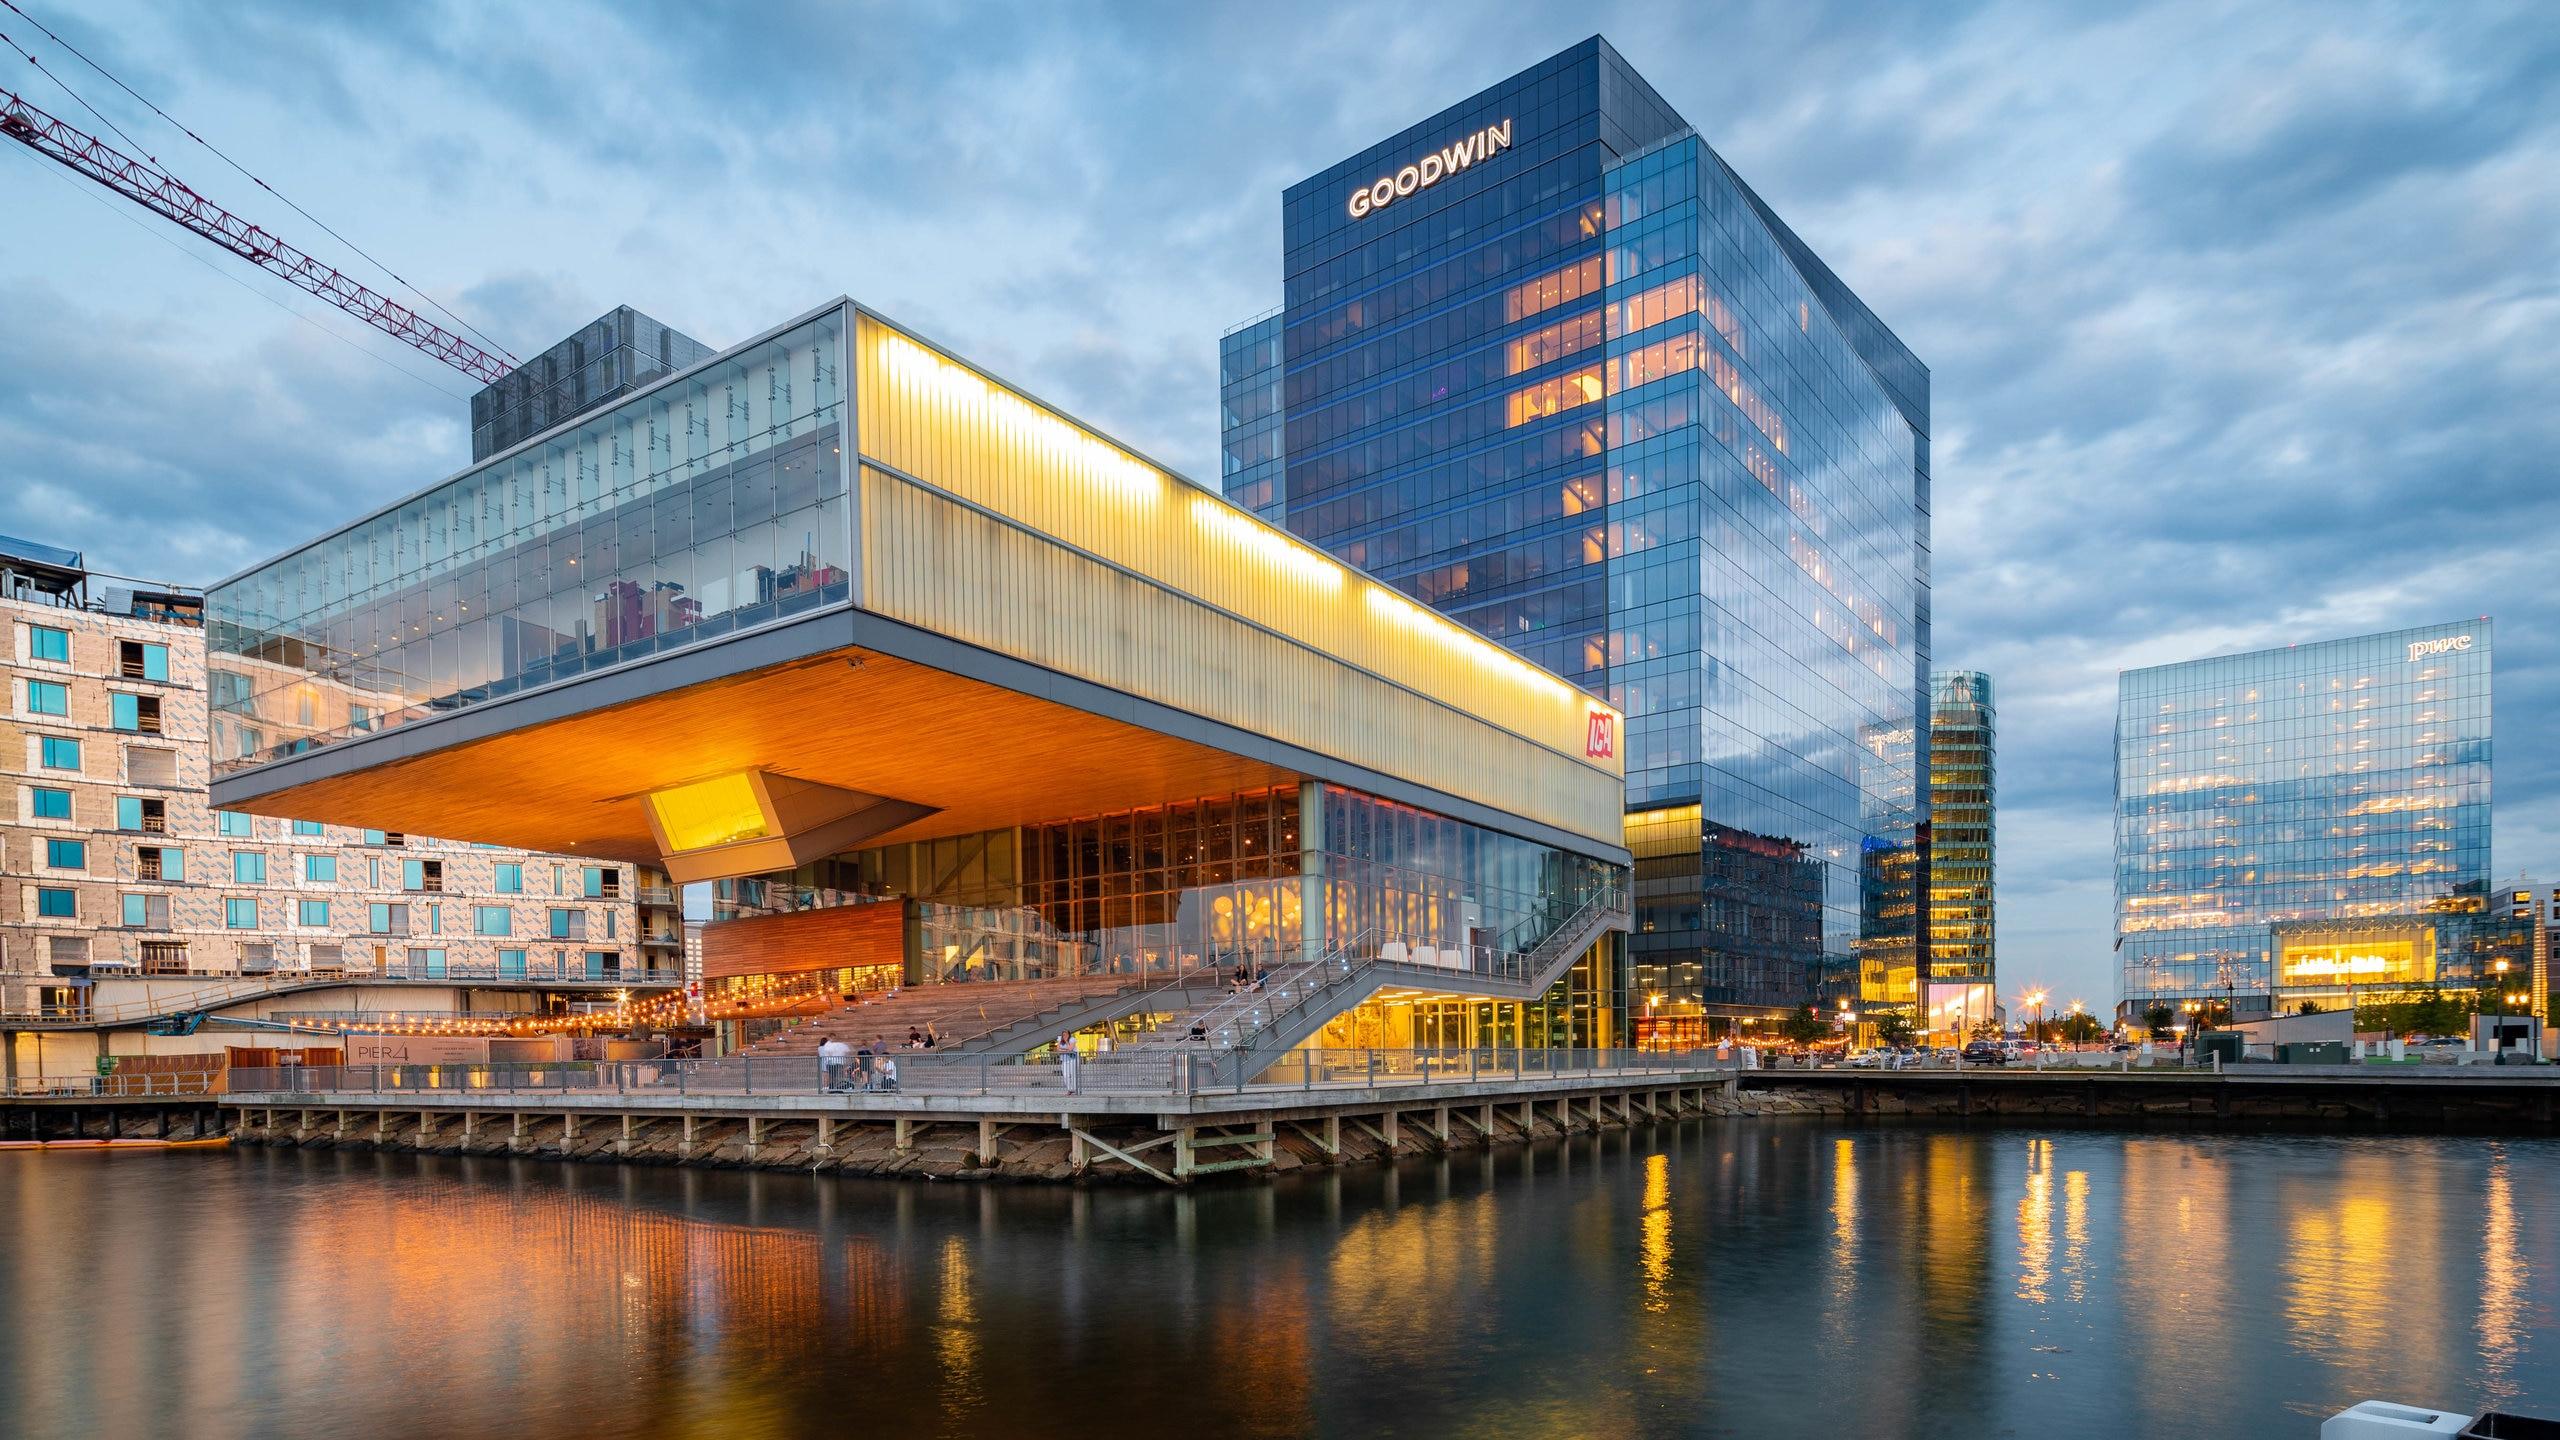 Instituut voor Hedendaagse kunst, Boston, Massachusetts, Verenigde Staten